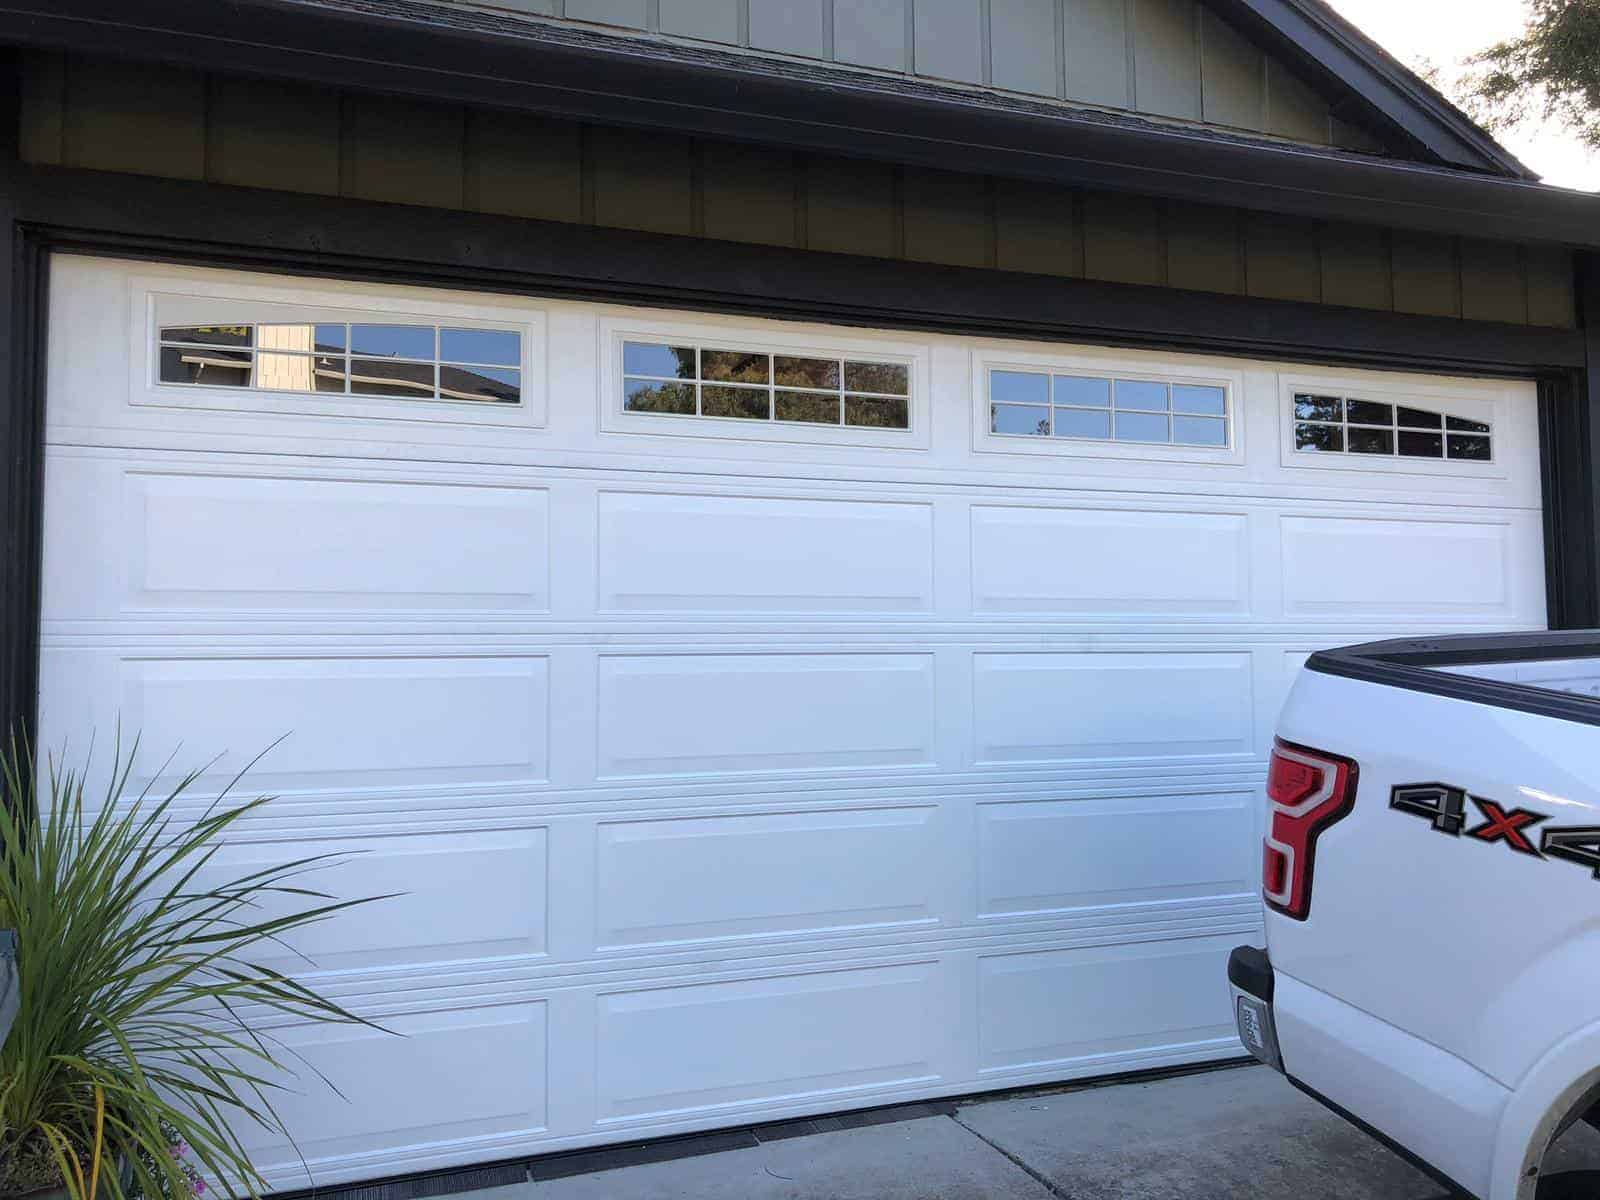 Tarzana CA Garage Door Repair & Replacement